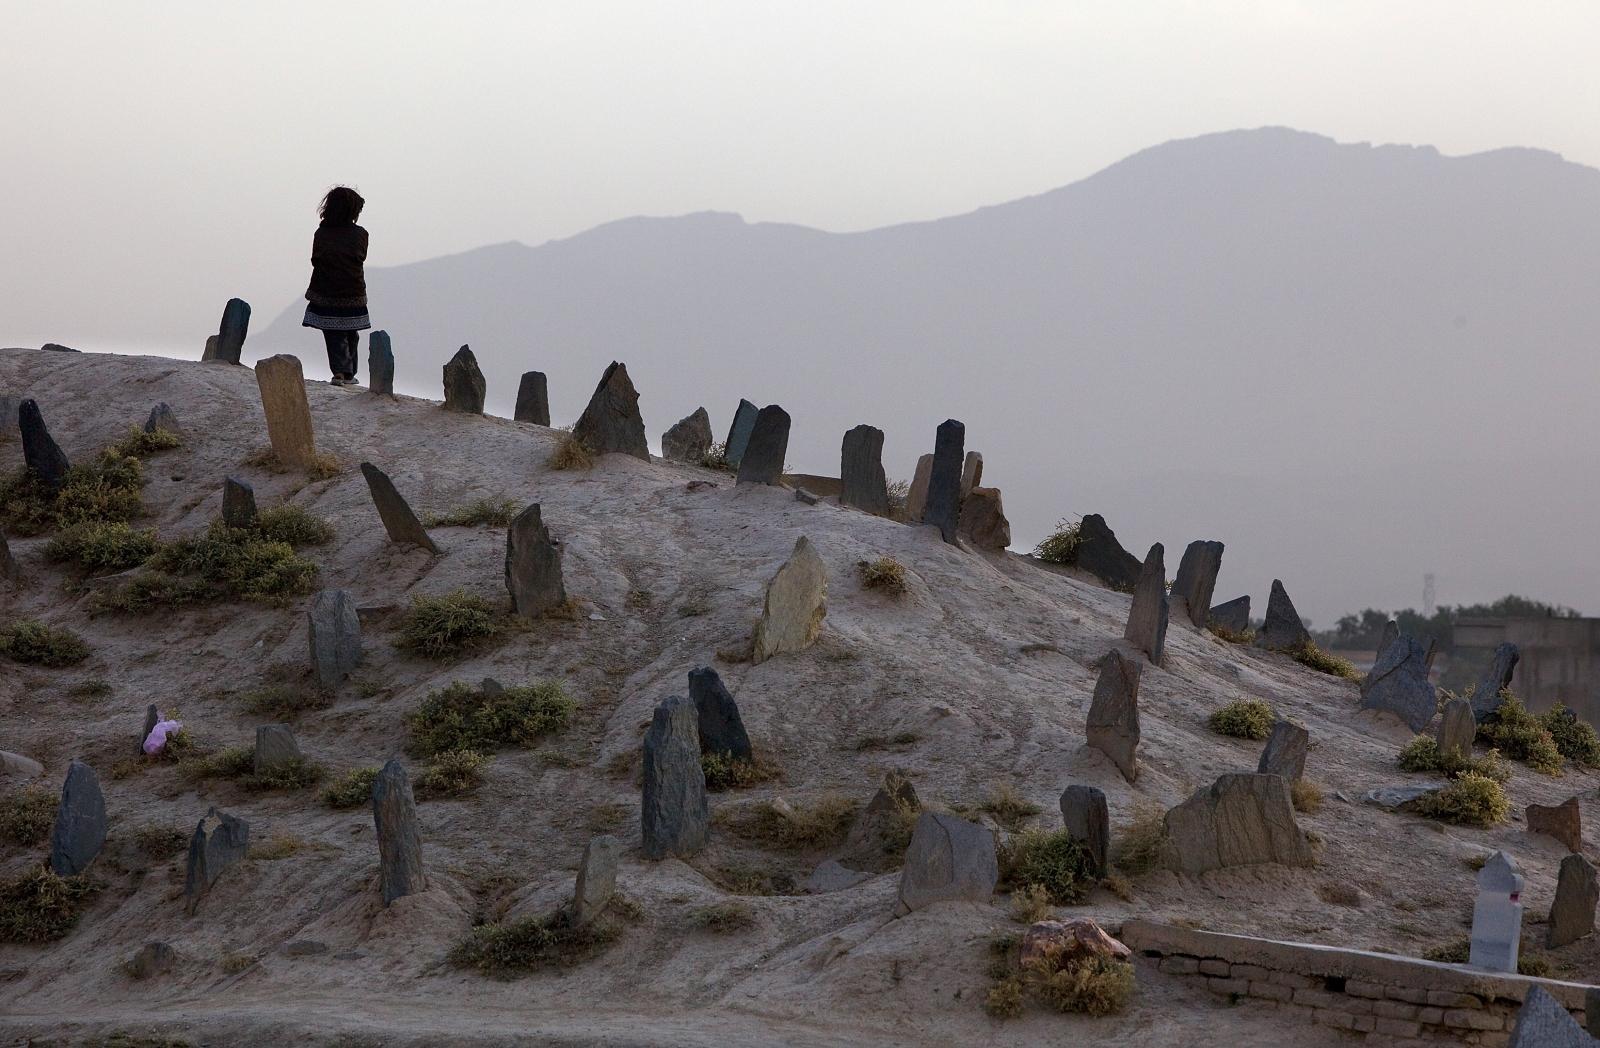 Child in a graveyard in rural pakistan (Getty Paula Bronstein)